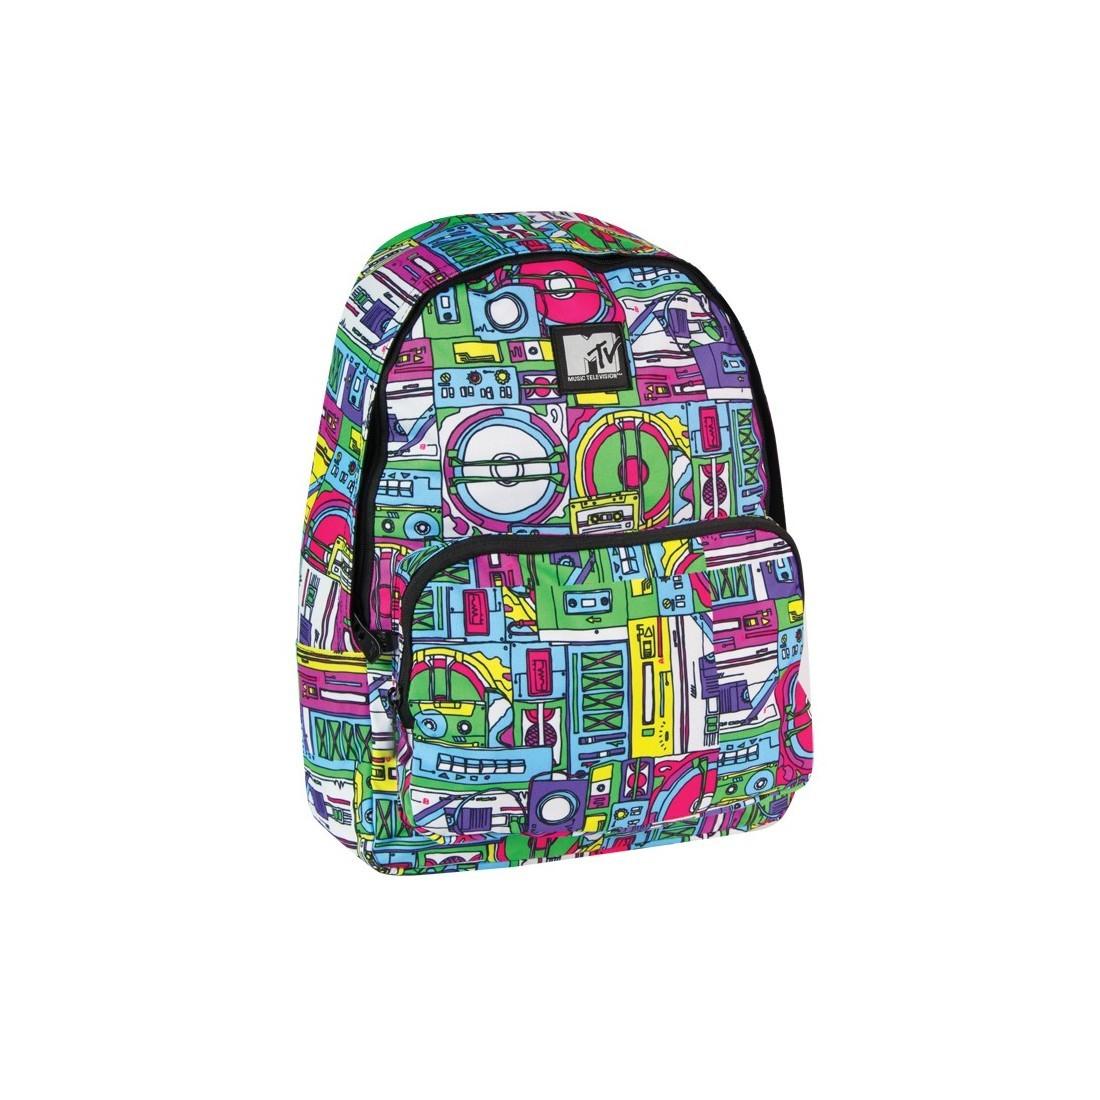 Plecak młodzieżowy Coolpack MTV Music - plecak-tornister.pl